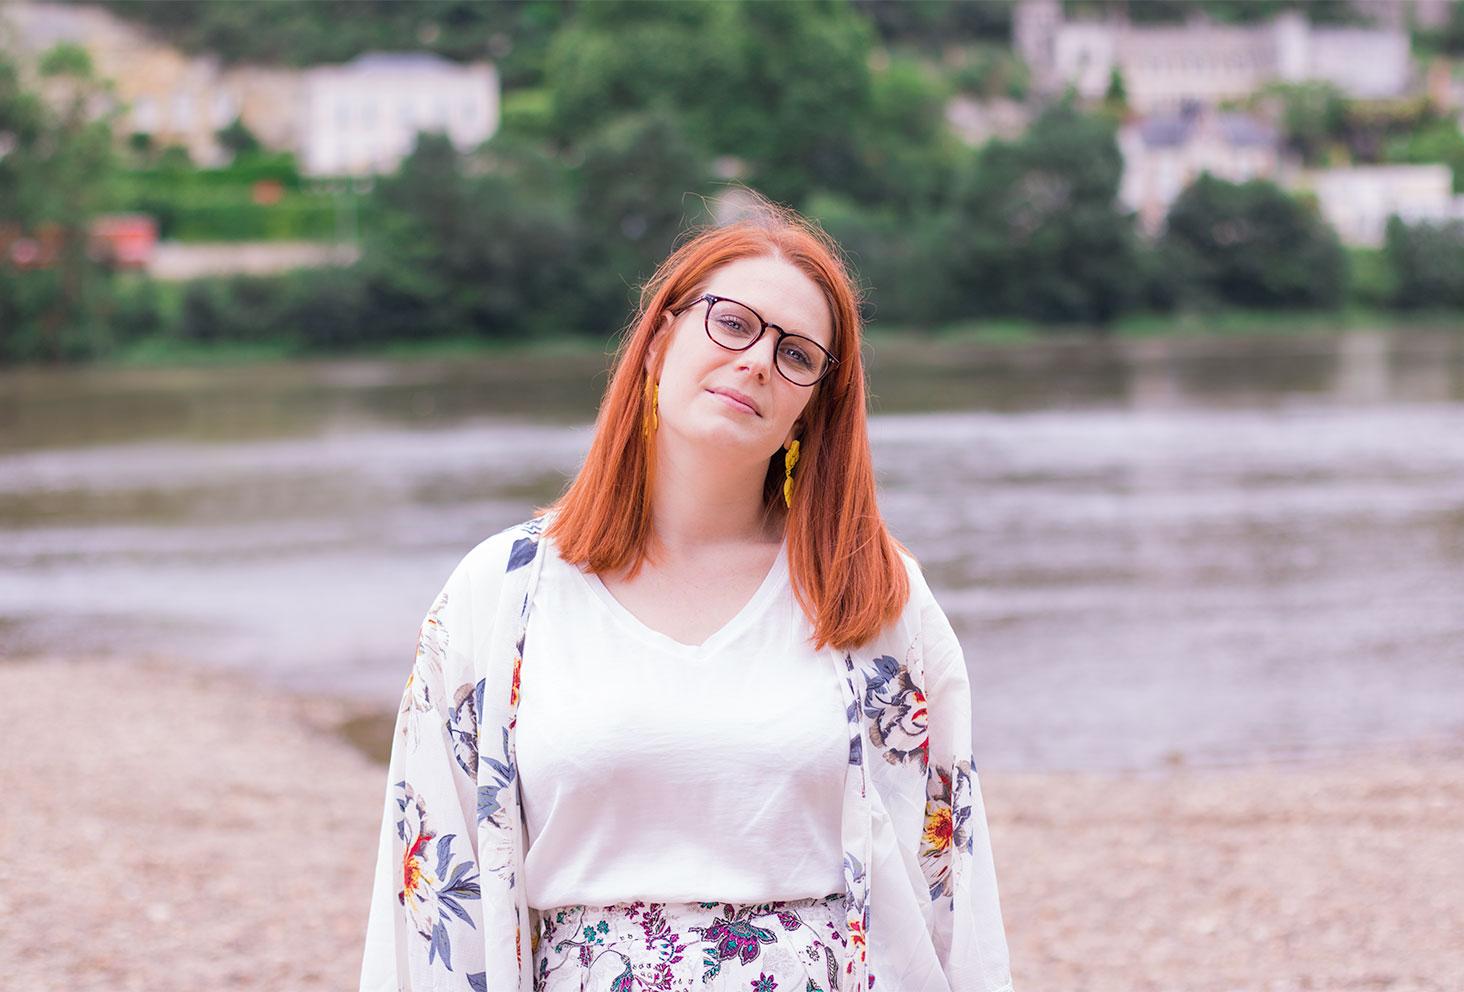 Sur les bords de la Loire en t-shirt blanc et kimono fleurit